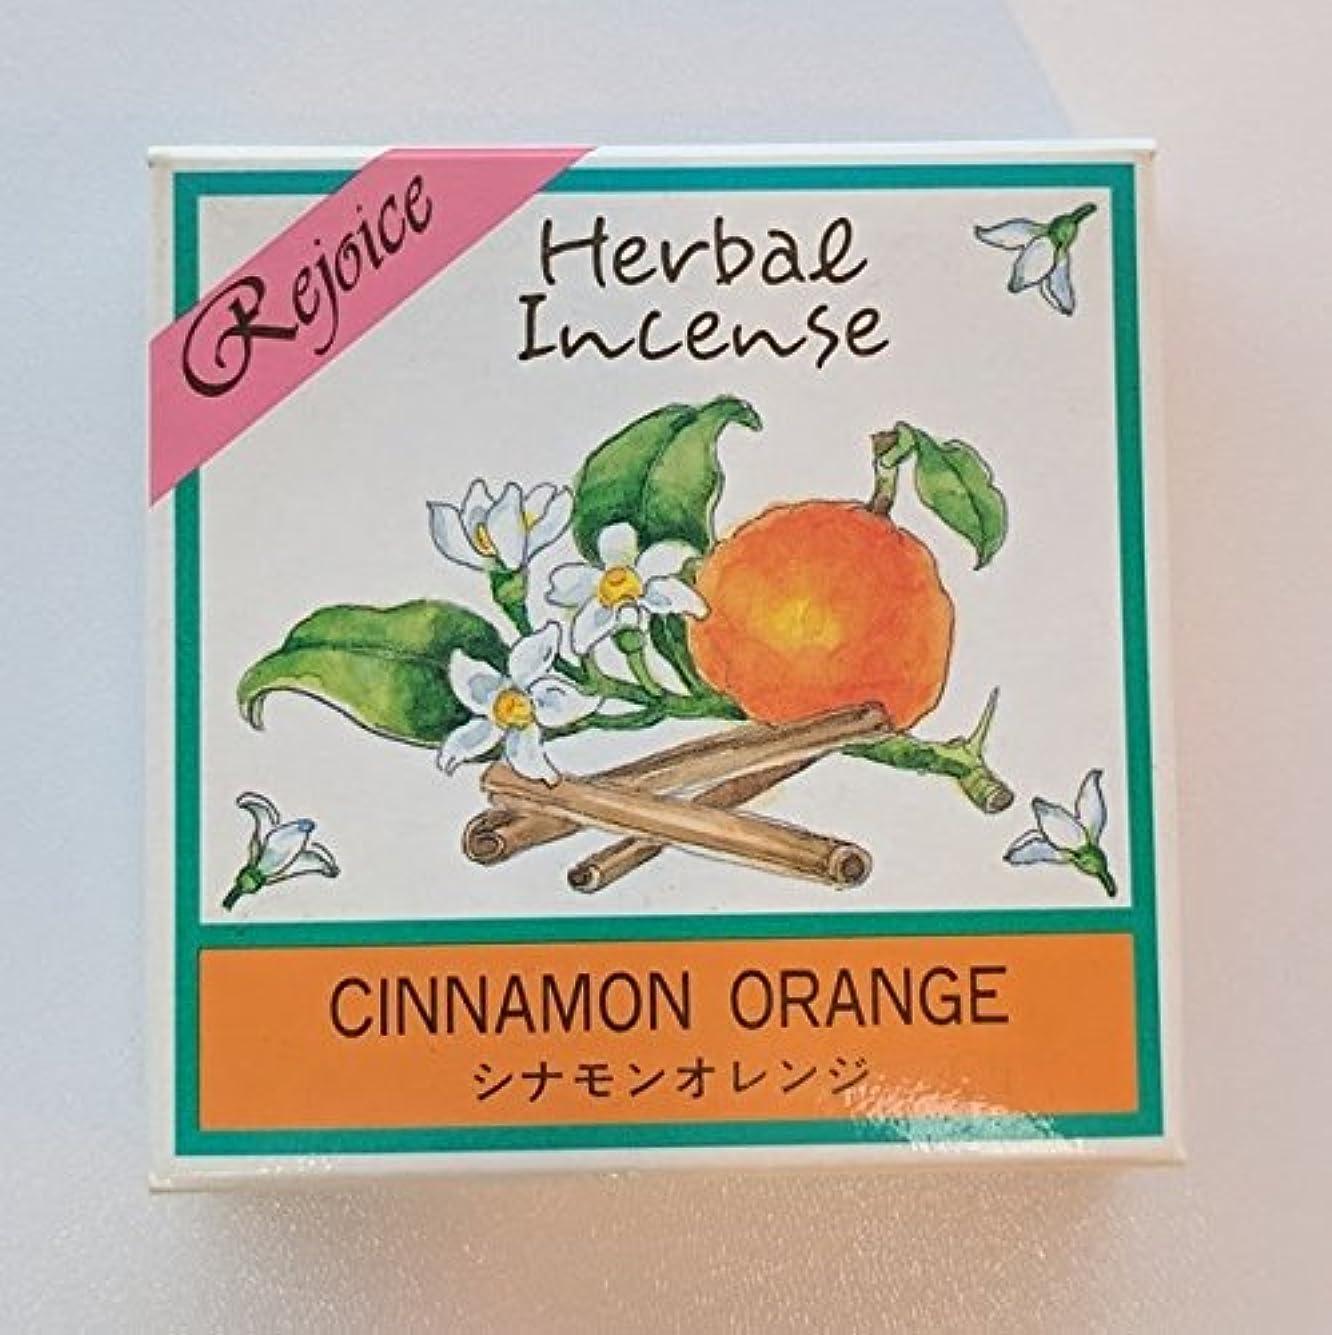 結婚医薬品頼るハーバル インセンスコーン?シナモンオレンジ(20個入り)